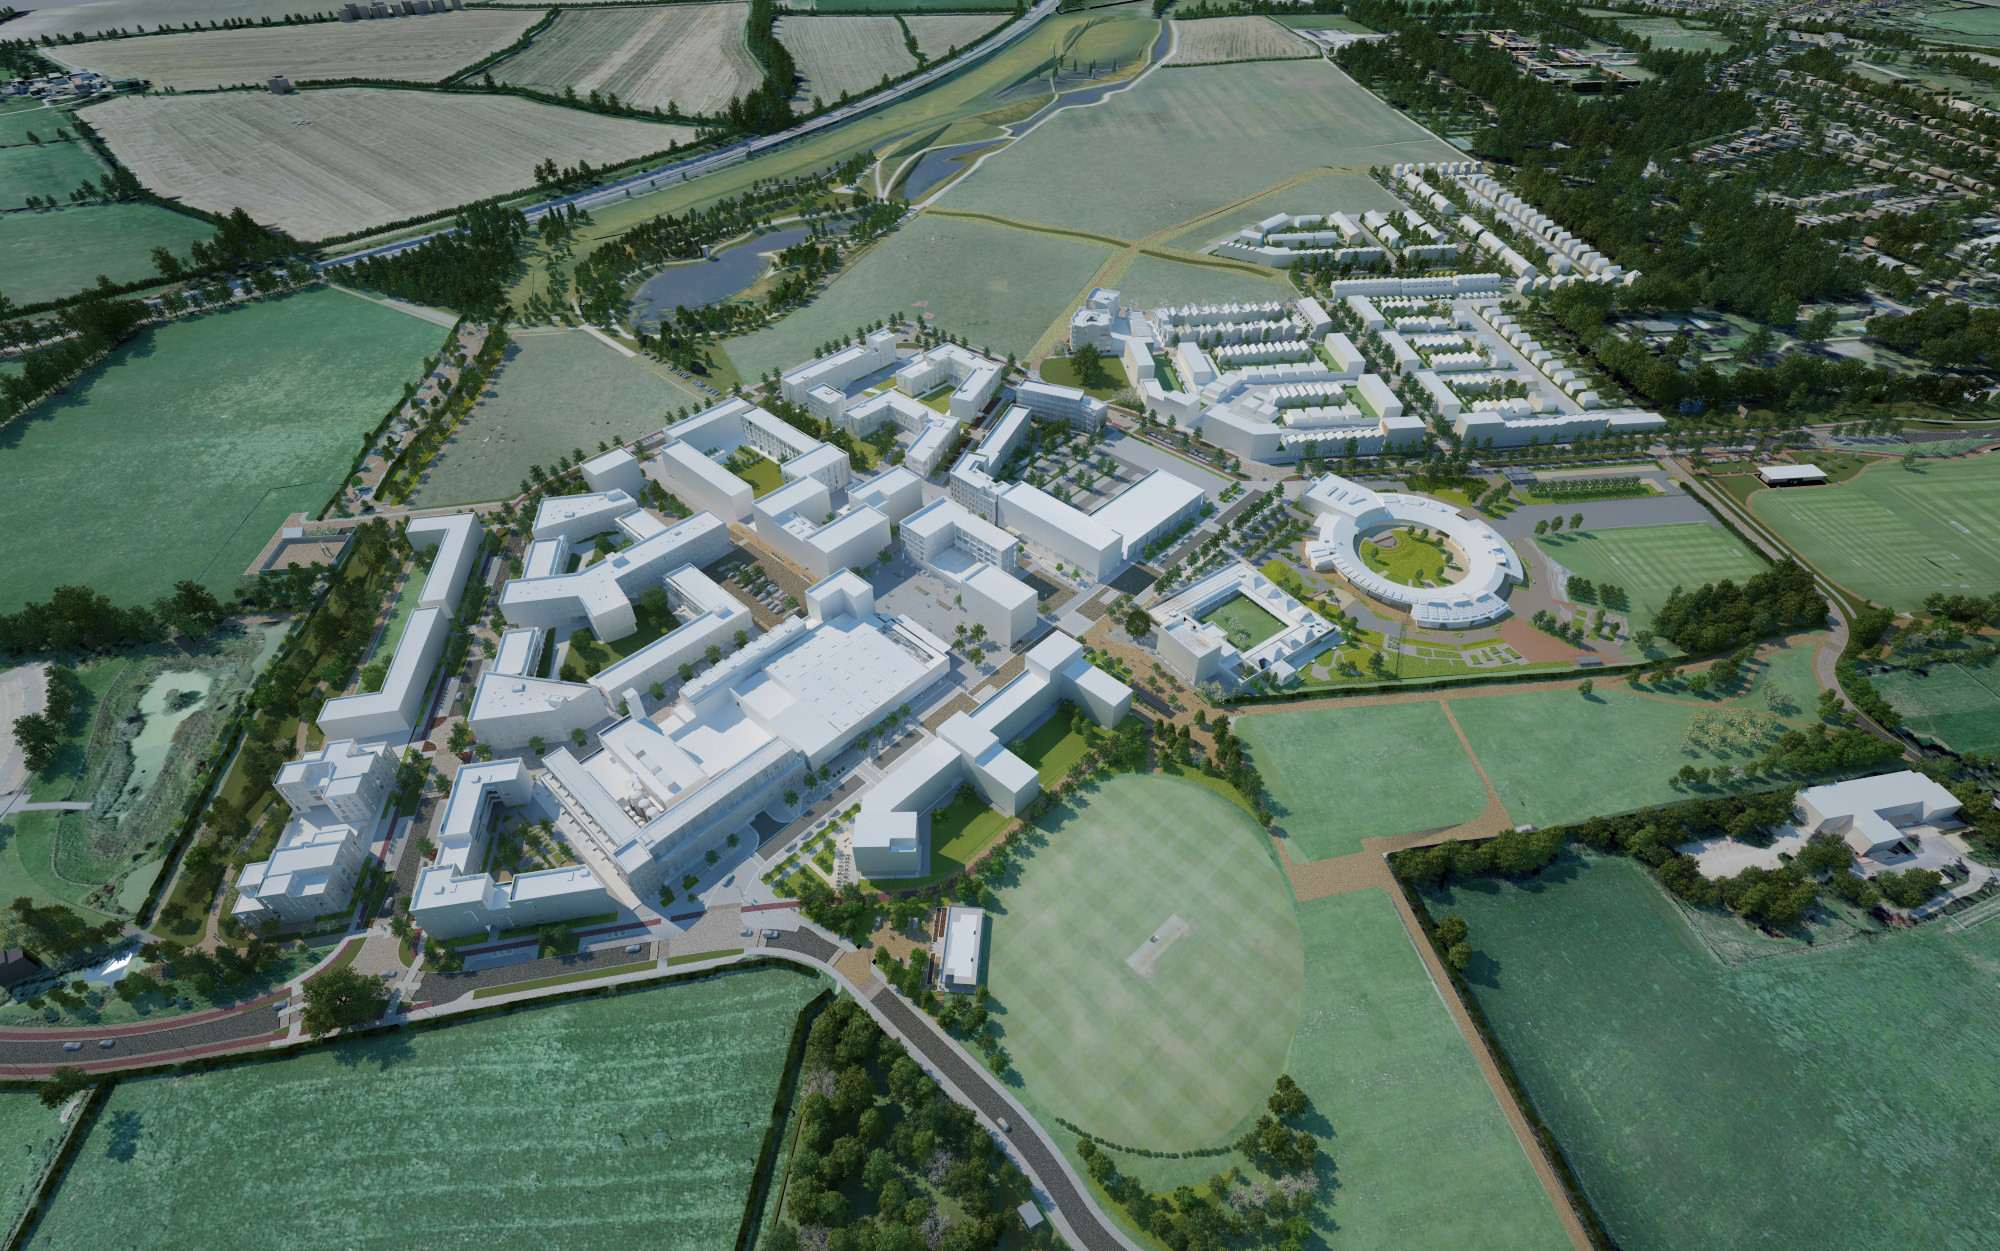 North West Cambridge Masterplan / AECOM Design & Planning. Imagen cortesía de WAF